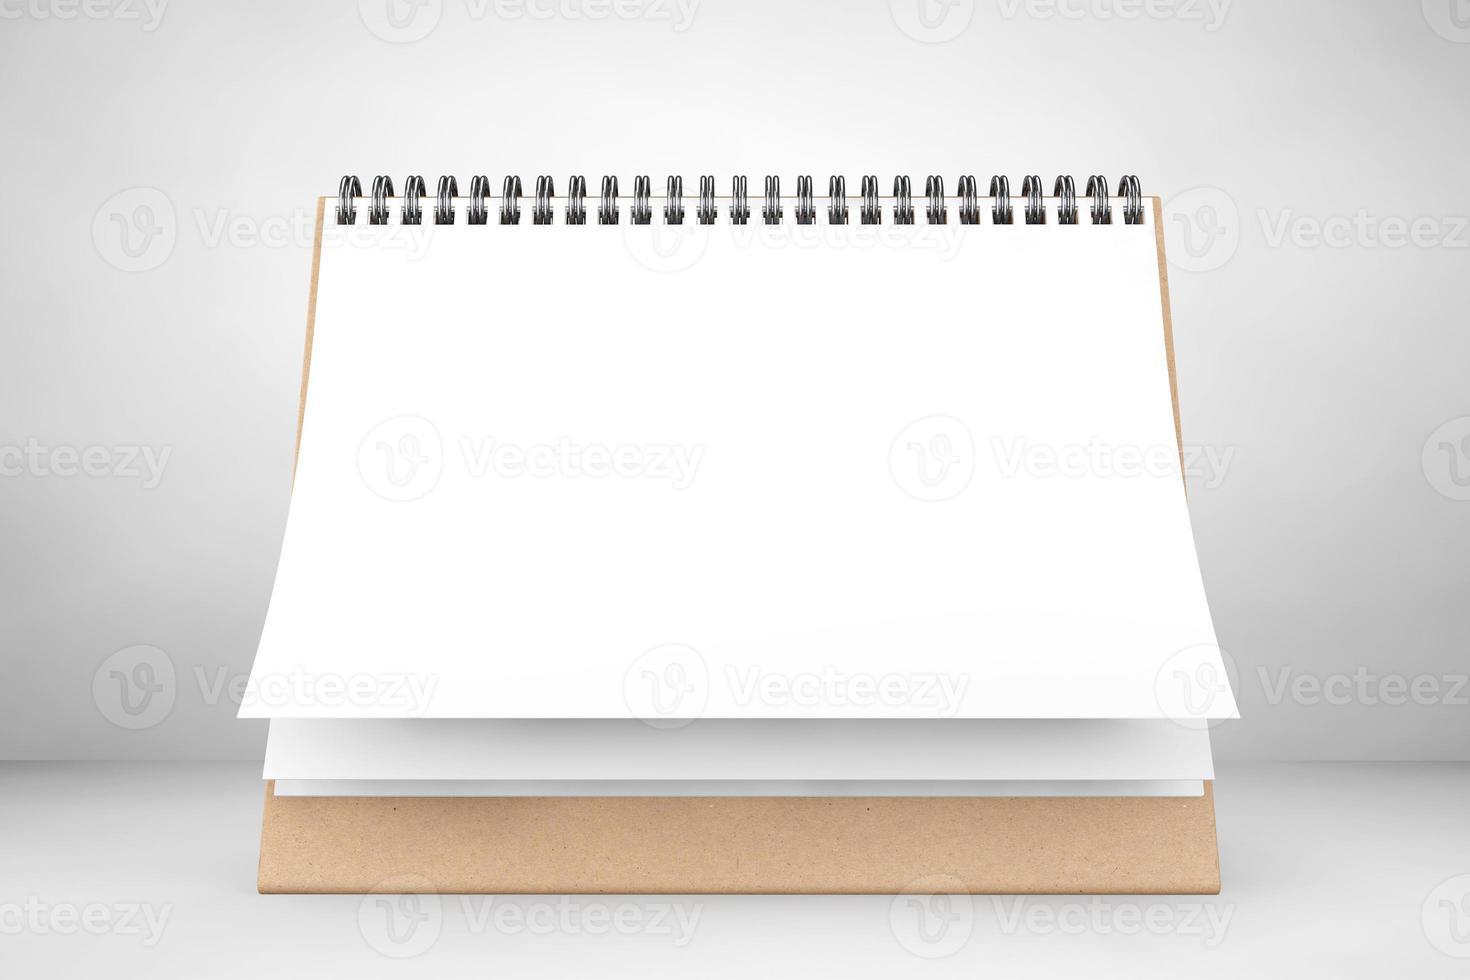 calendario a spirale da scrivania in carta bianca foto